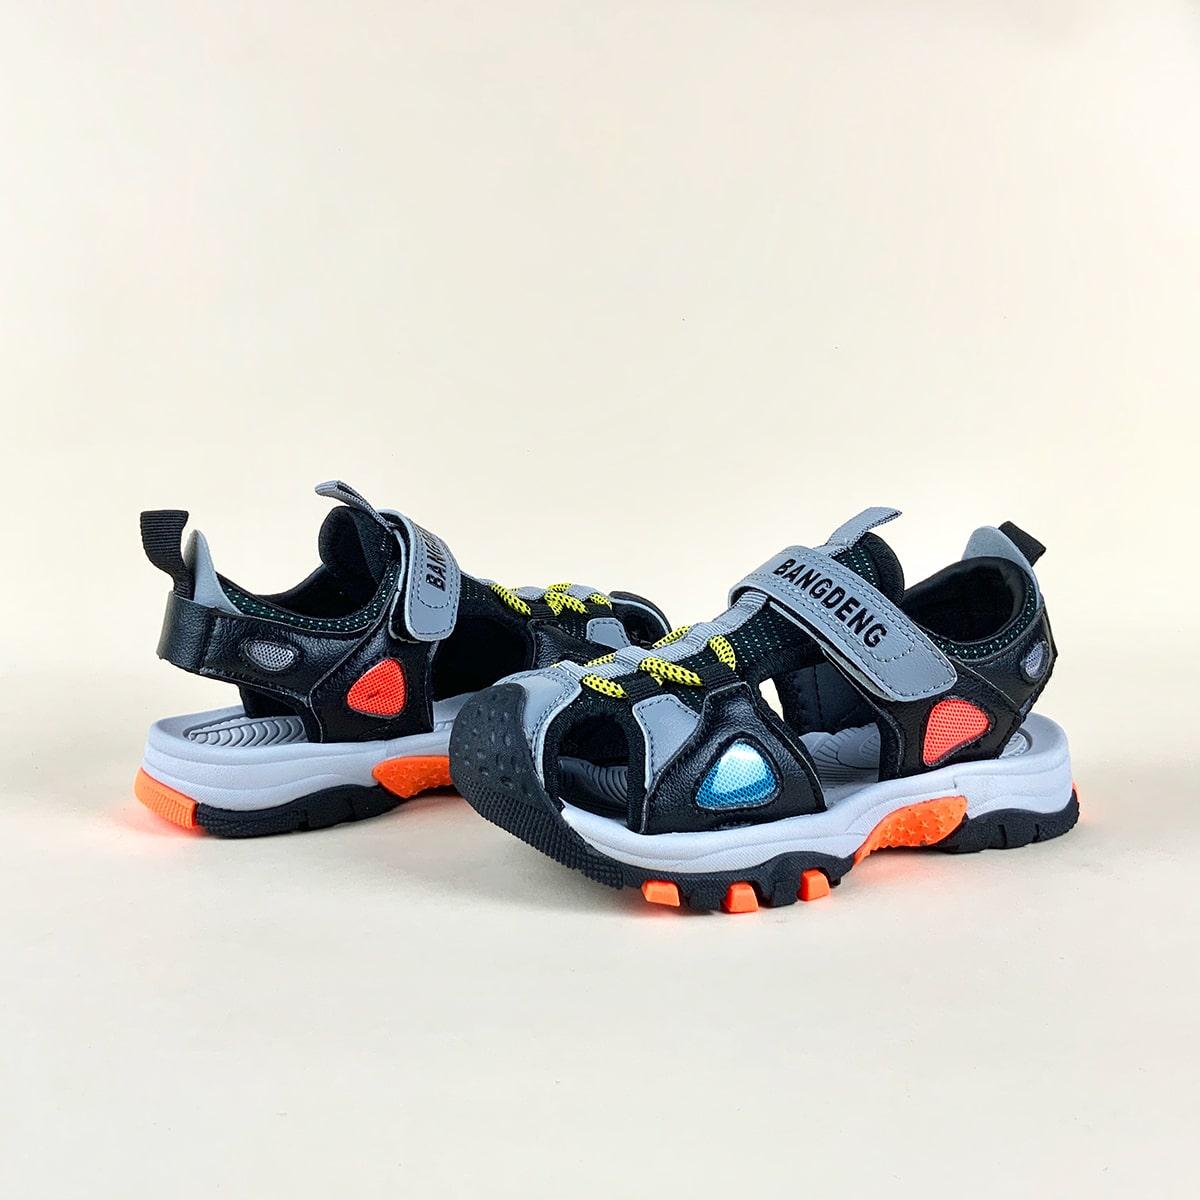 для мальчиков Спортивные сандалии с разрезом с текстовым принтом SheIn sk2108097686882137